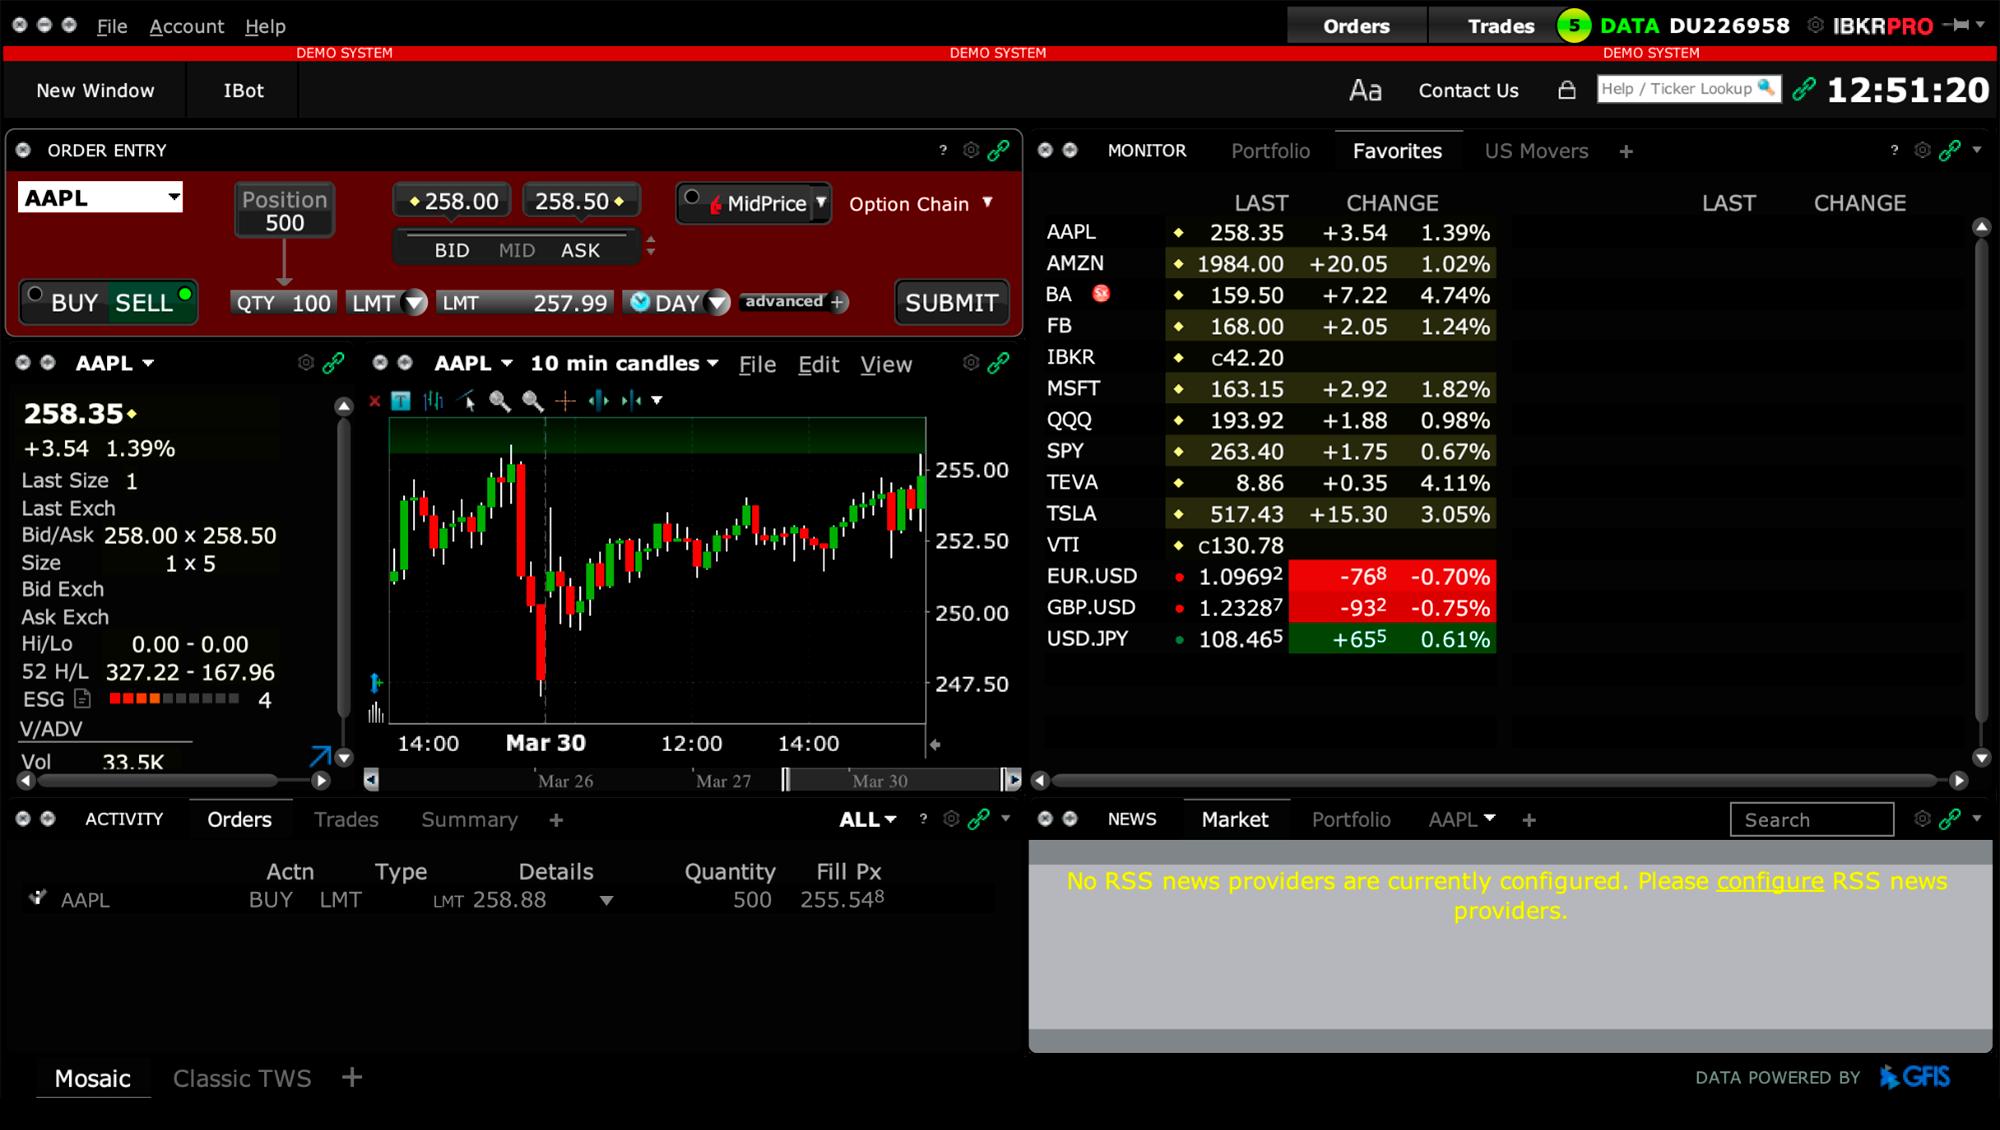 Так выглядит главный экран программы